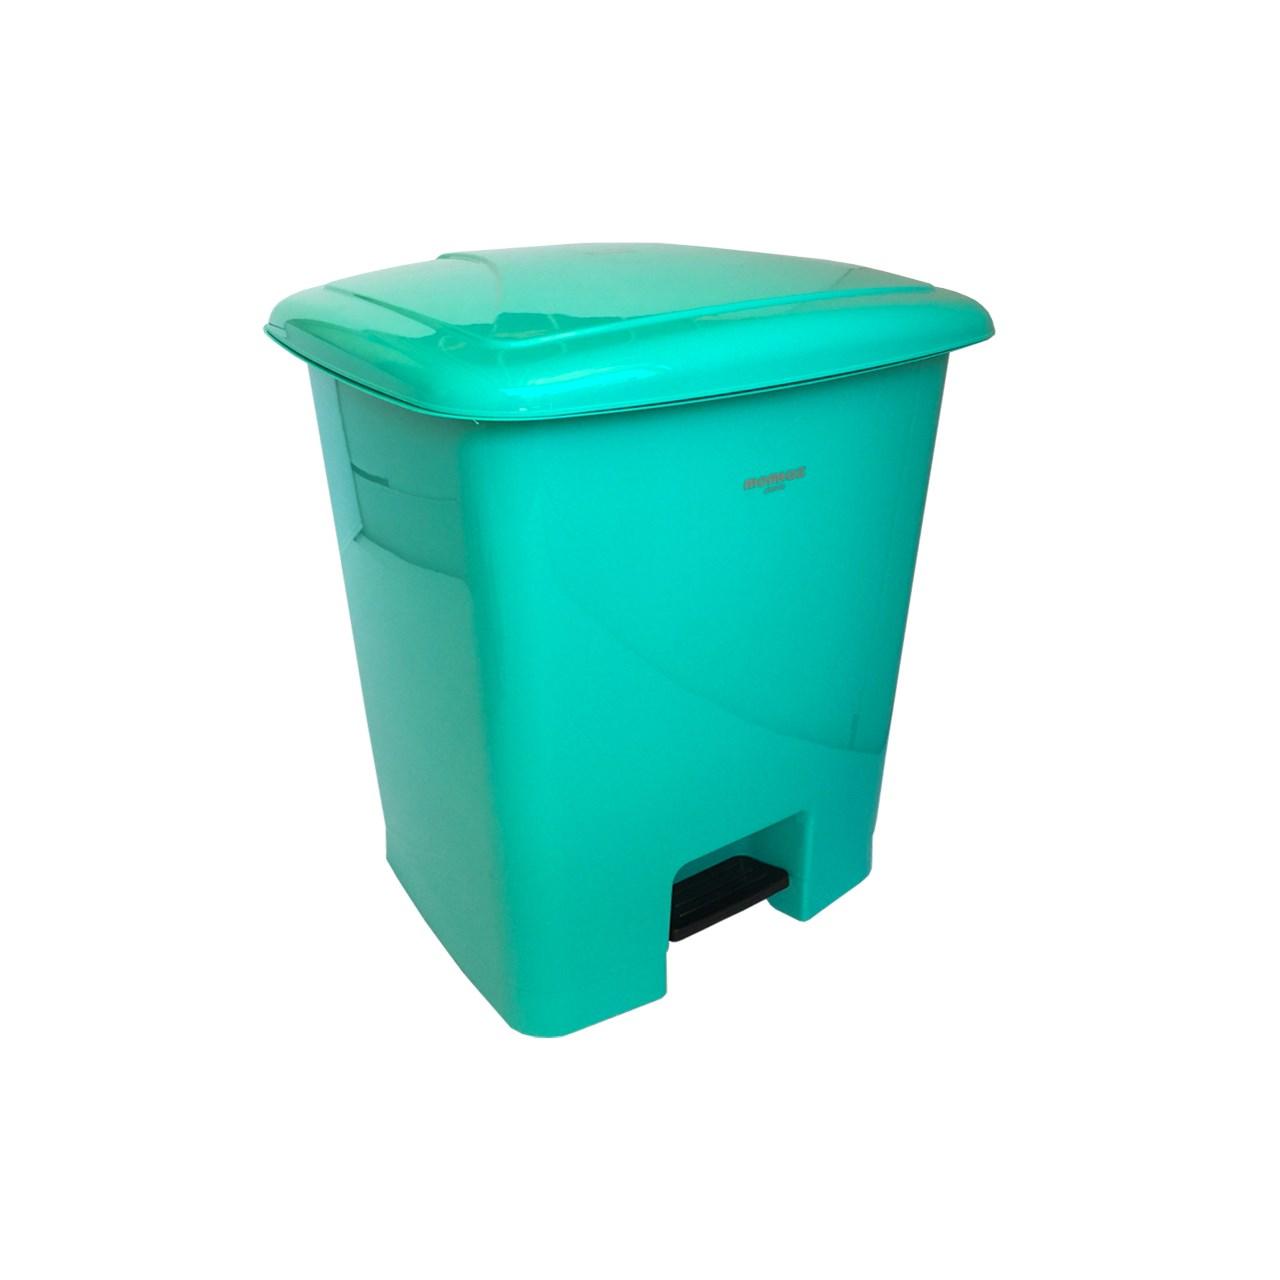 سطل زباله پدالی ممتاز پلاستیک مدل 750 ظرفیت 52 لیتری